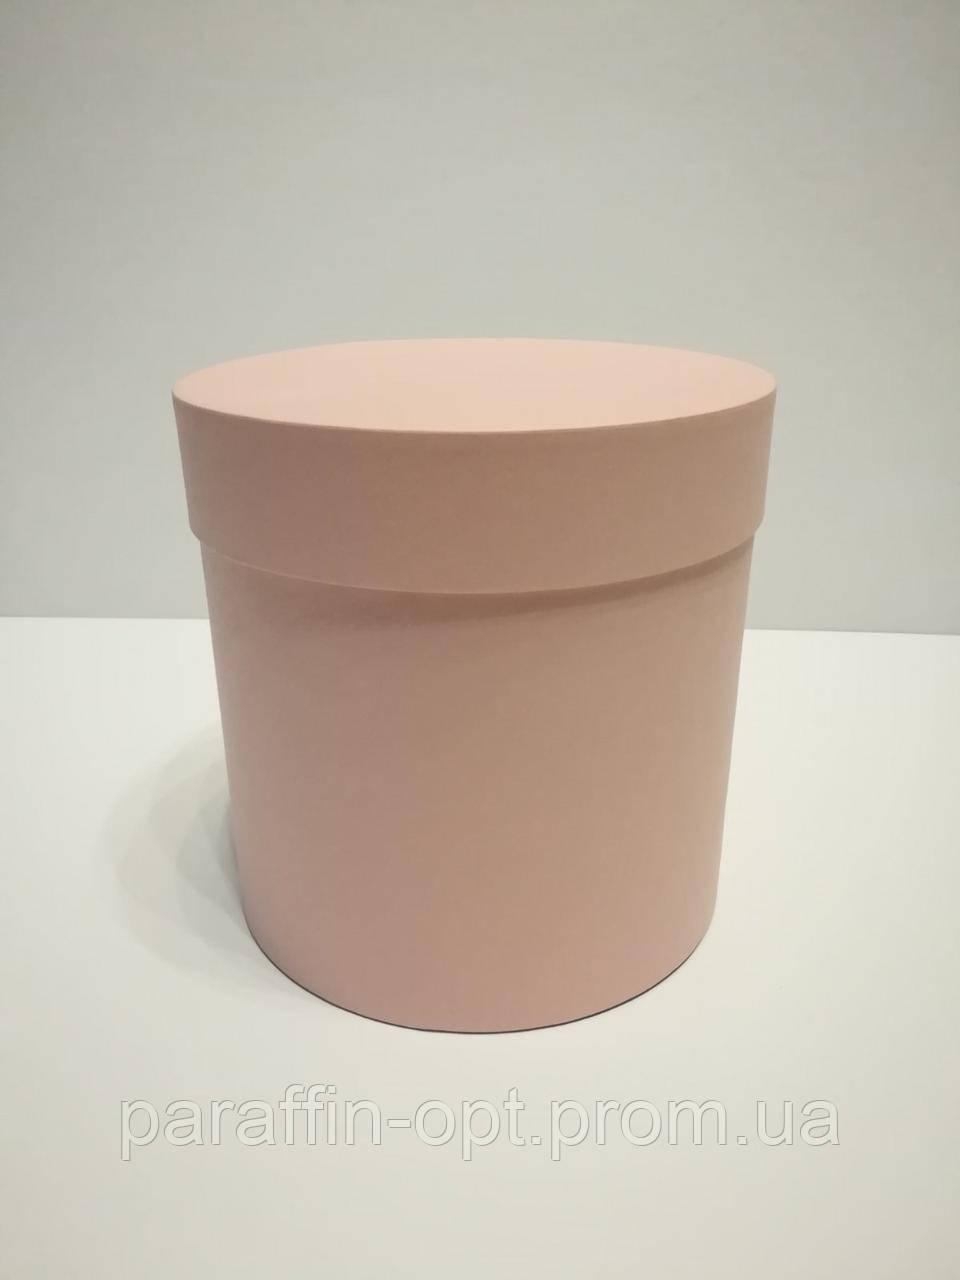 Подарочная коробка в форме шляпы цвет-пудровый